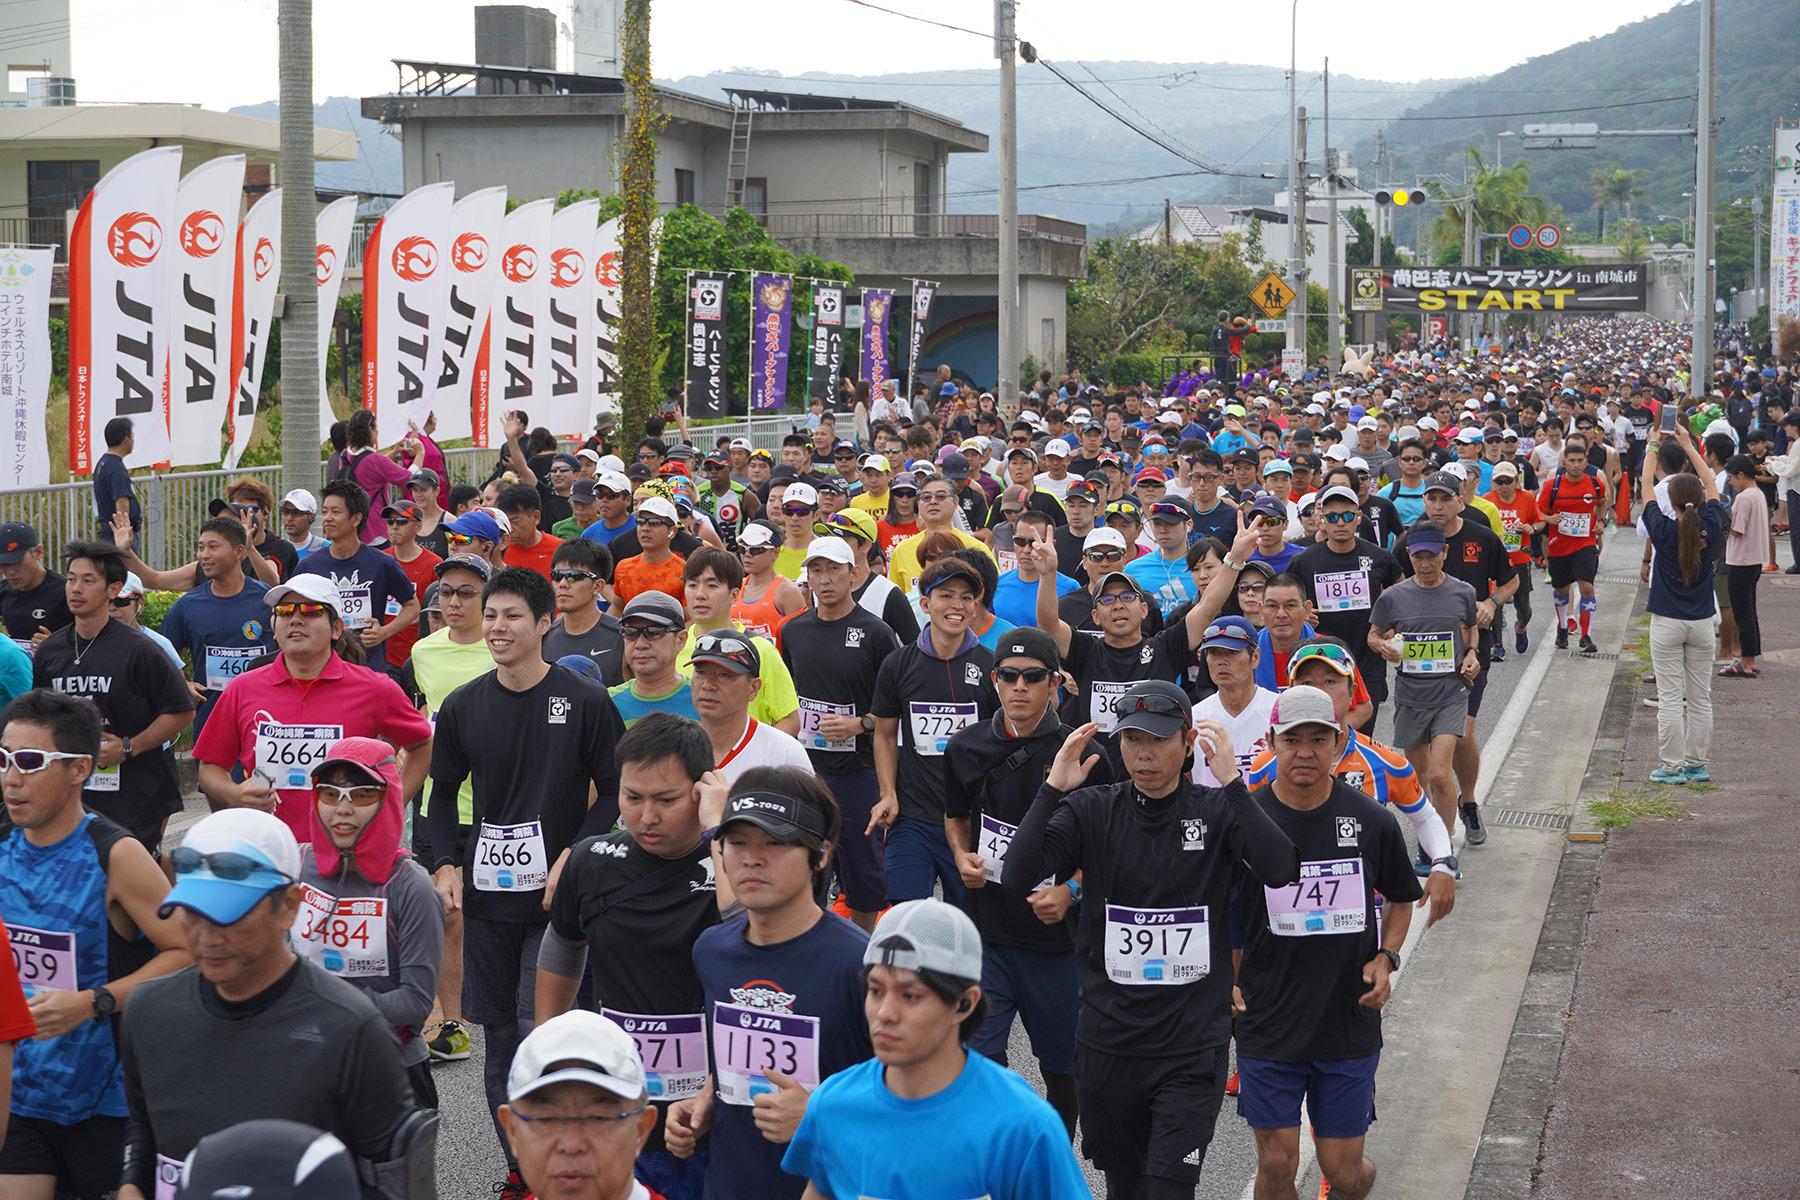 第18回尚巴志ハーフマラソン